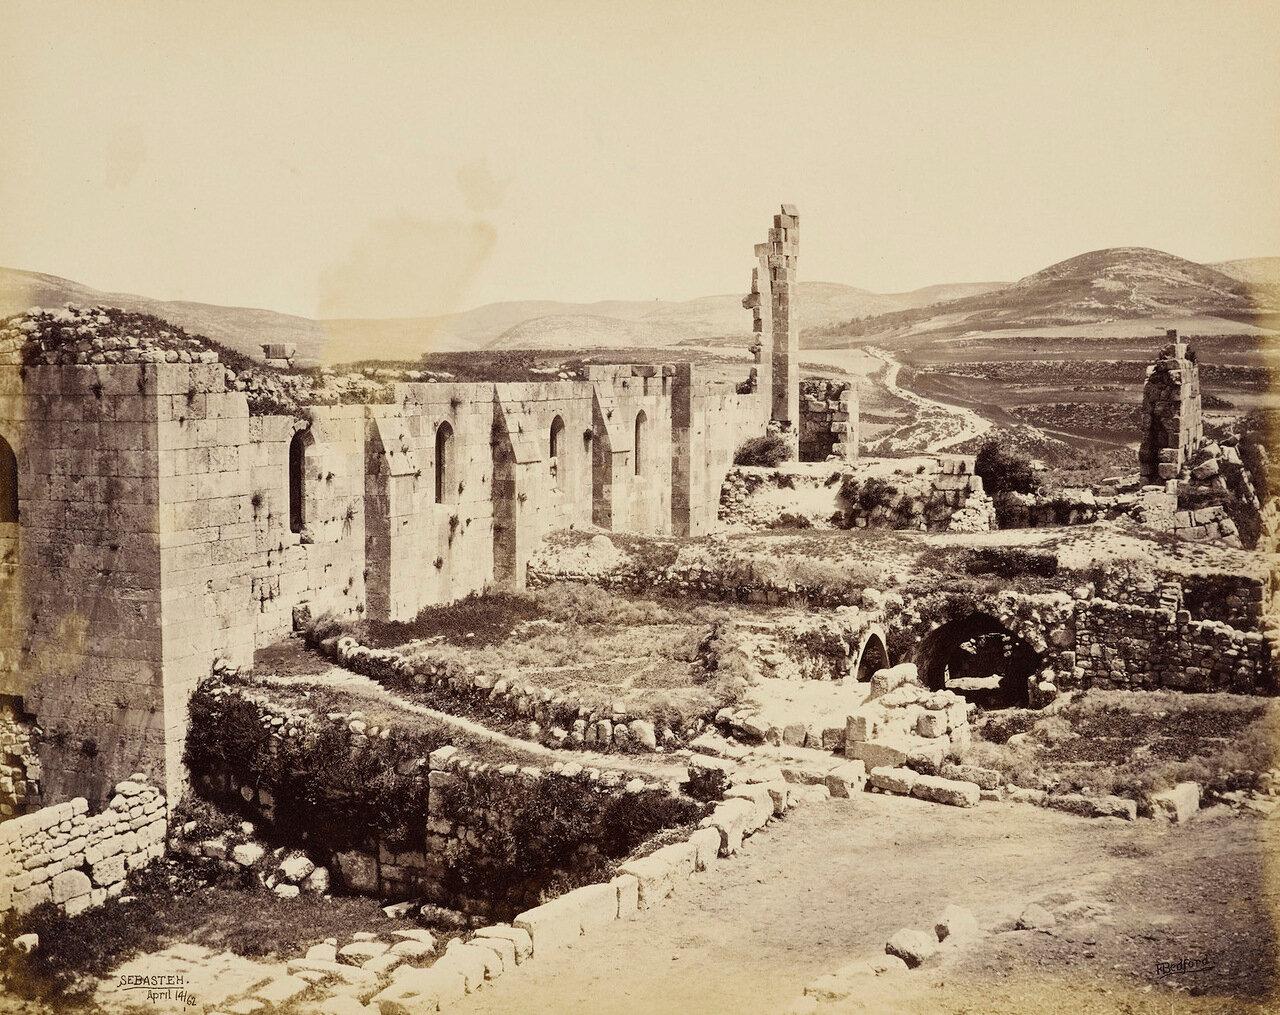 14 апреля 1862. Церковь Святого Иоанна Крестителя, Себастия, Самарии